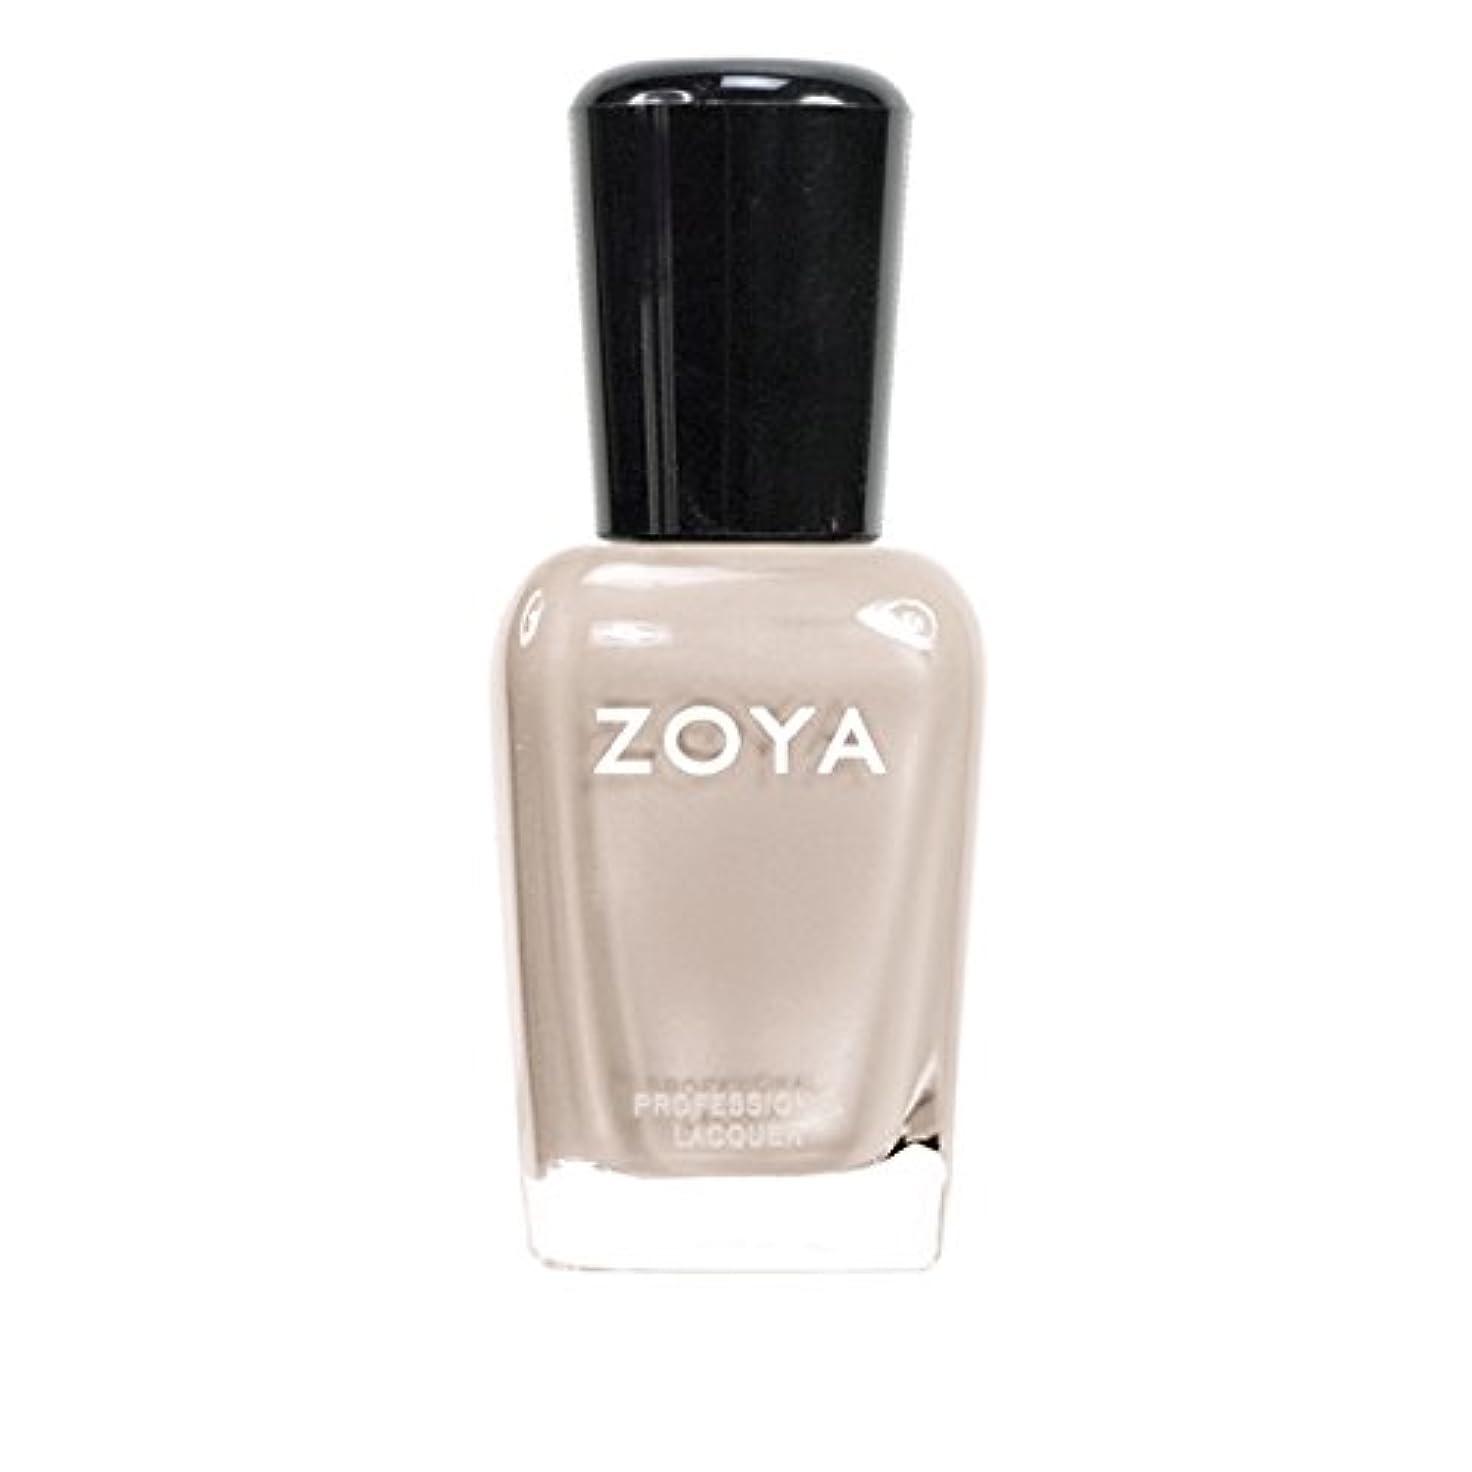 アンドリューハリディ毒性熱狂的なZOYA ゾーヤ ネイルカラーZP561 MINKA ミンカ 15ml 乳白色のヌードベージュ マット 爪にやさしいネイルラッカーマニキュア